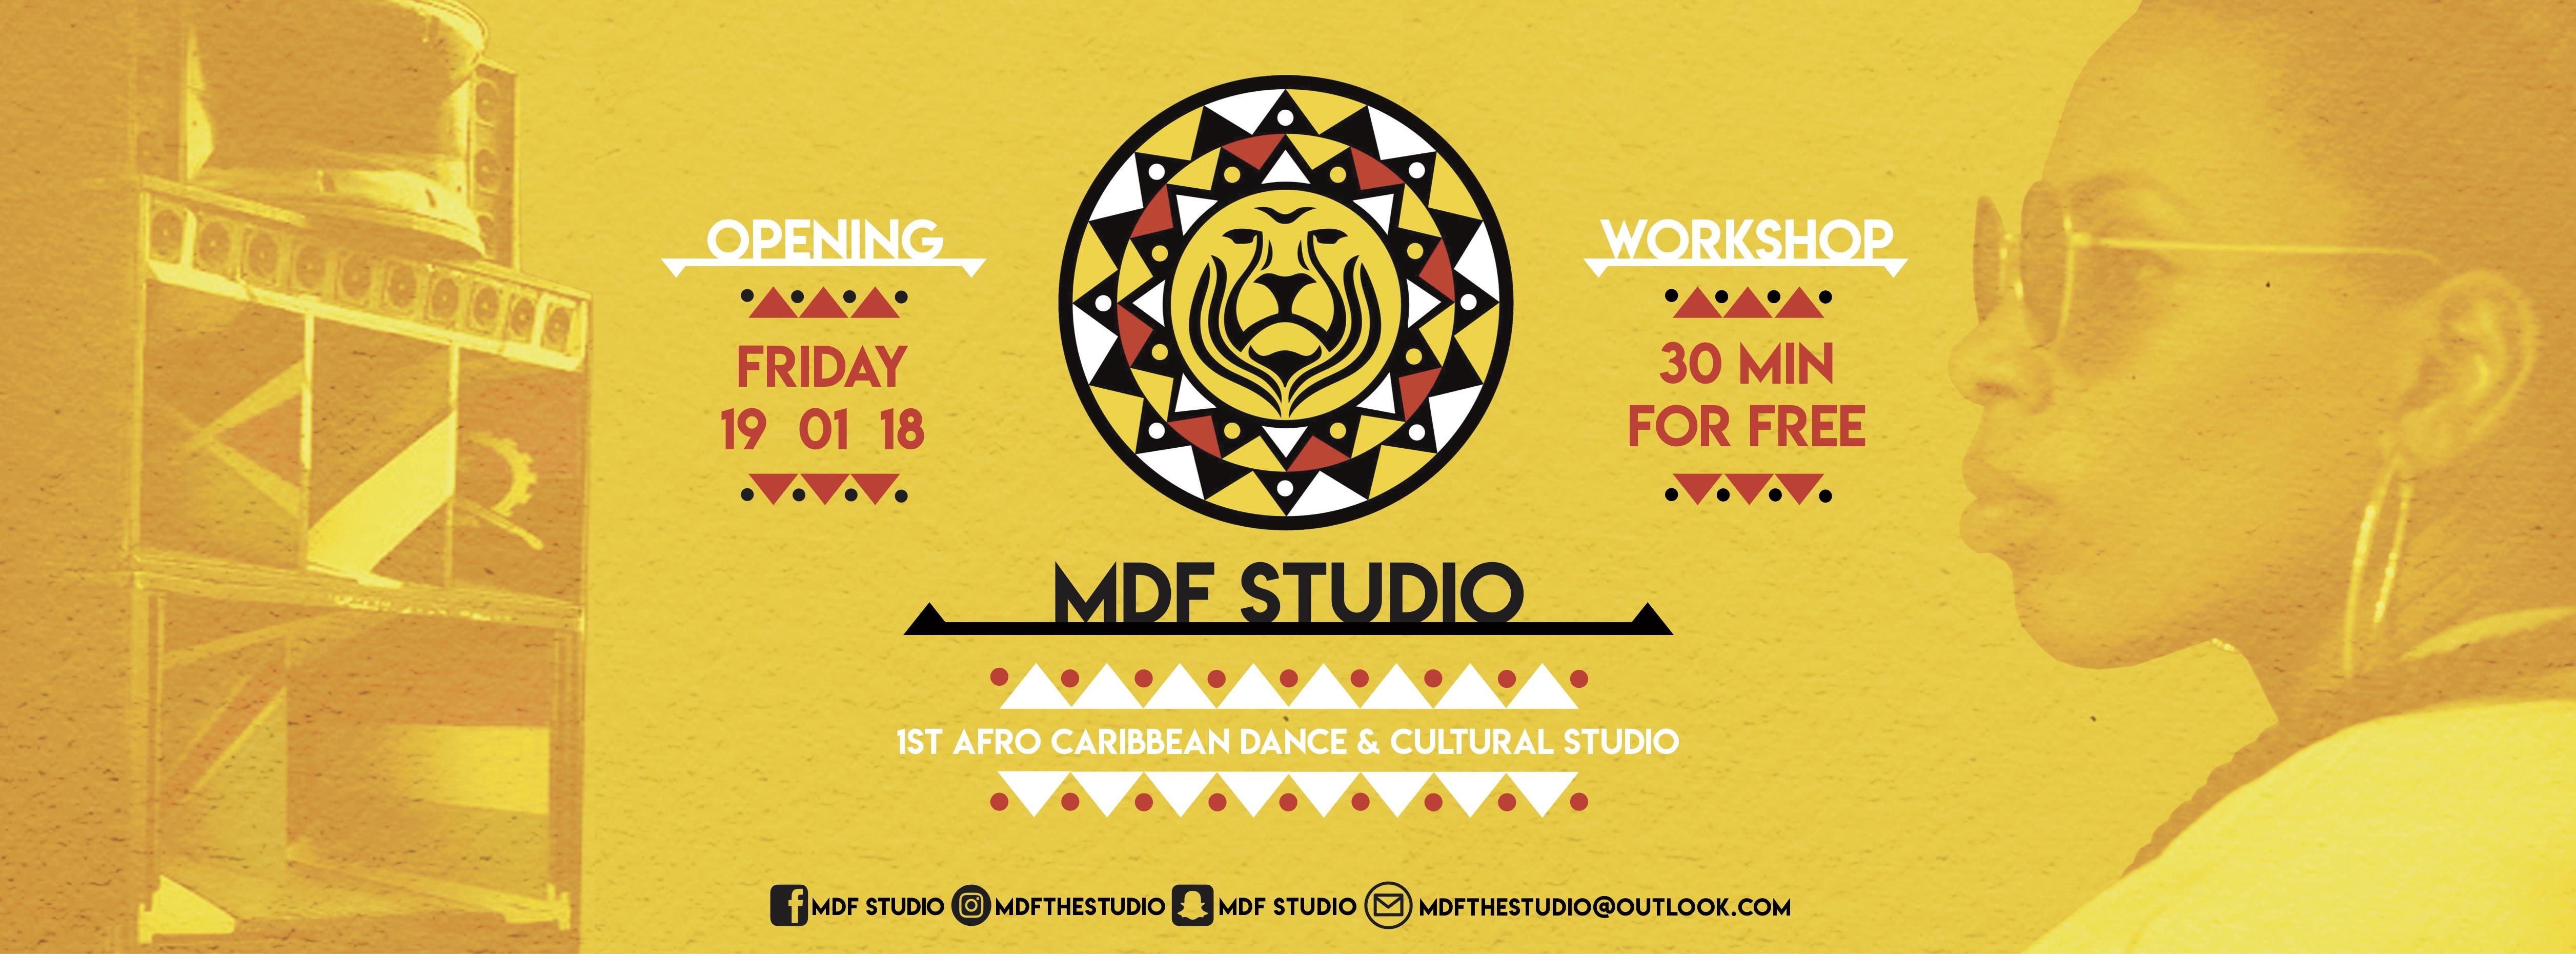 MDF Studio